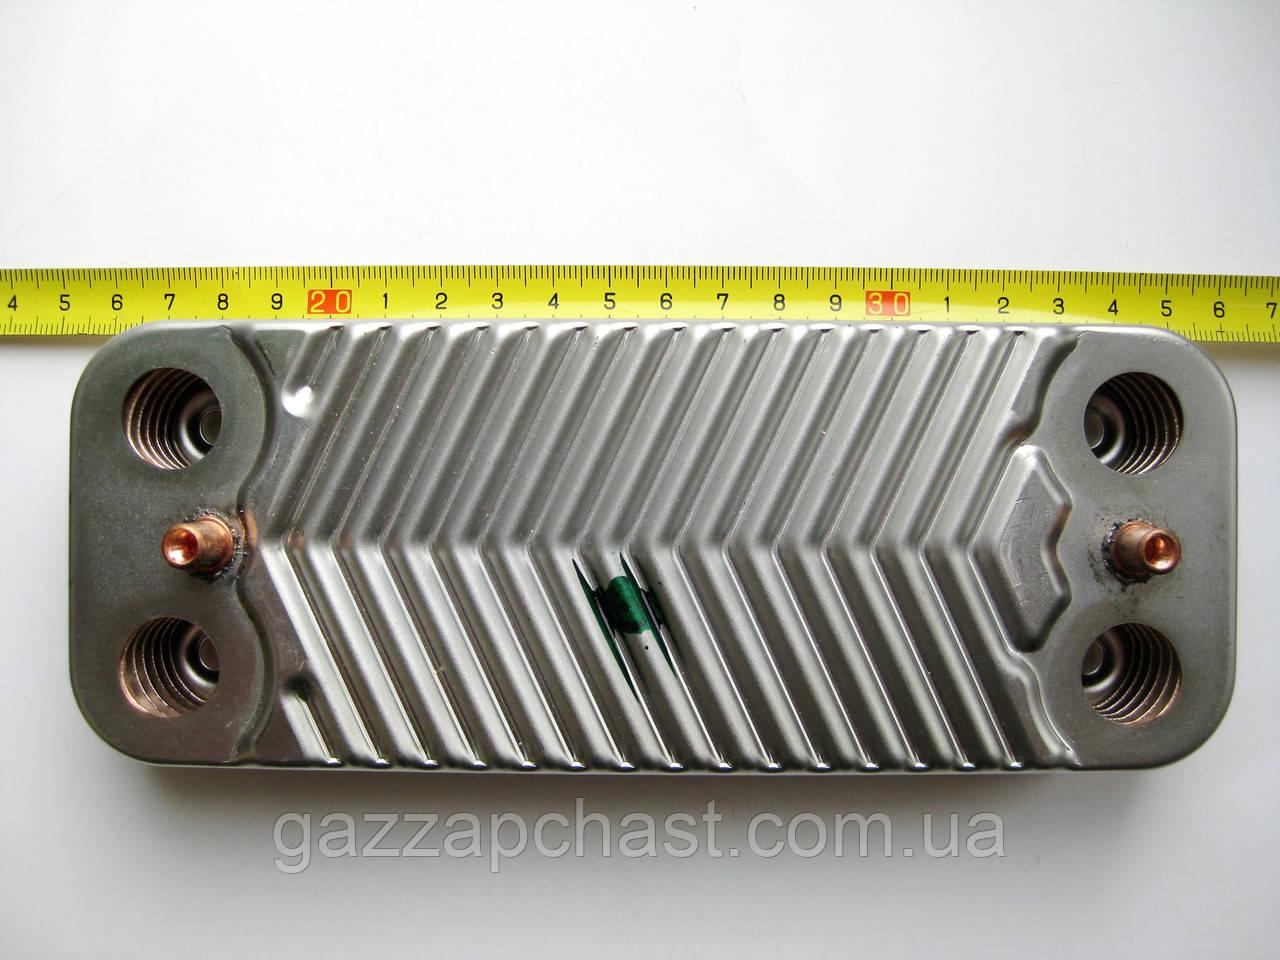 Теплообменник пластинчатый  Rocterm (12 пл.) (AA10110001)